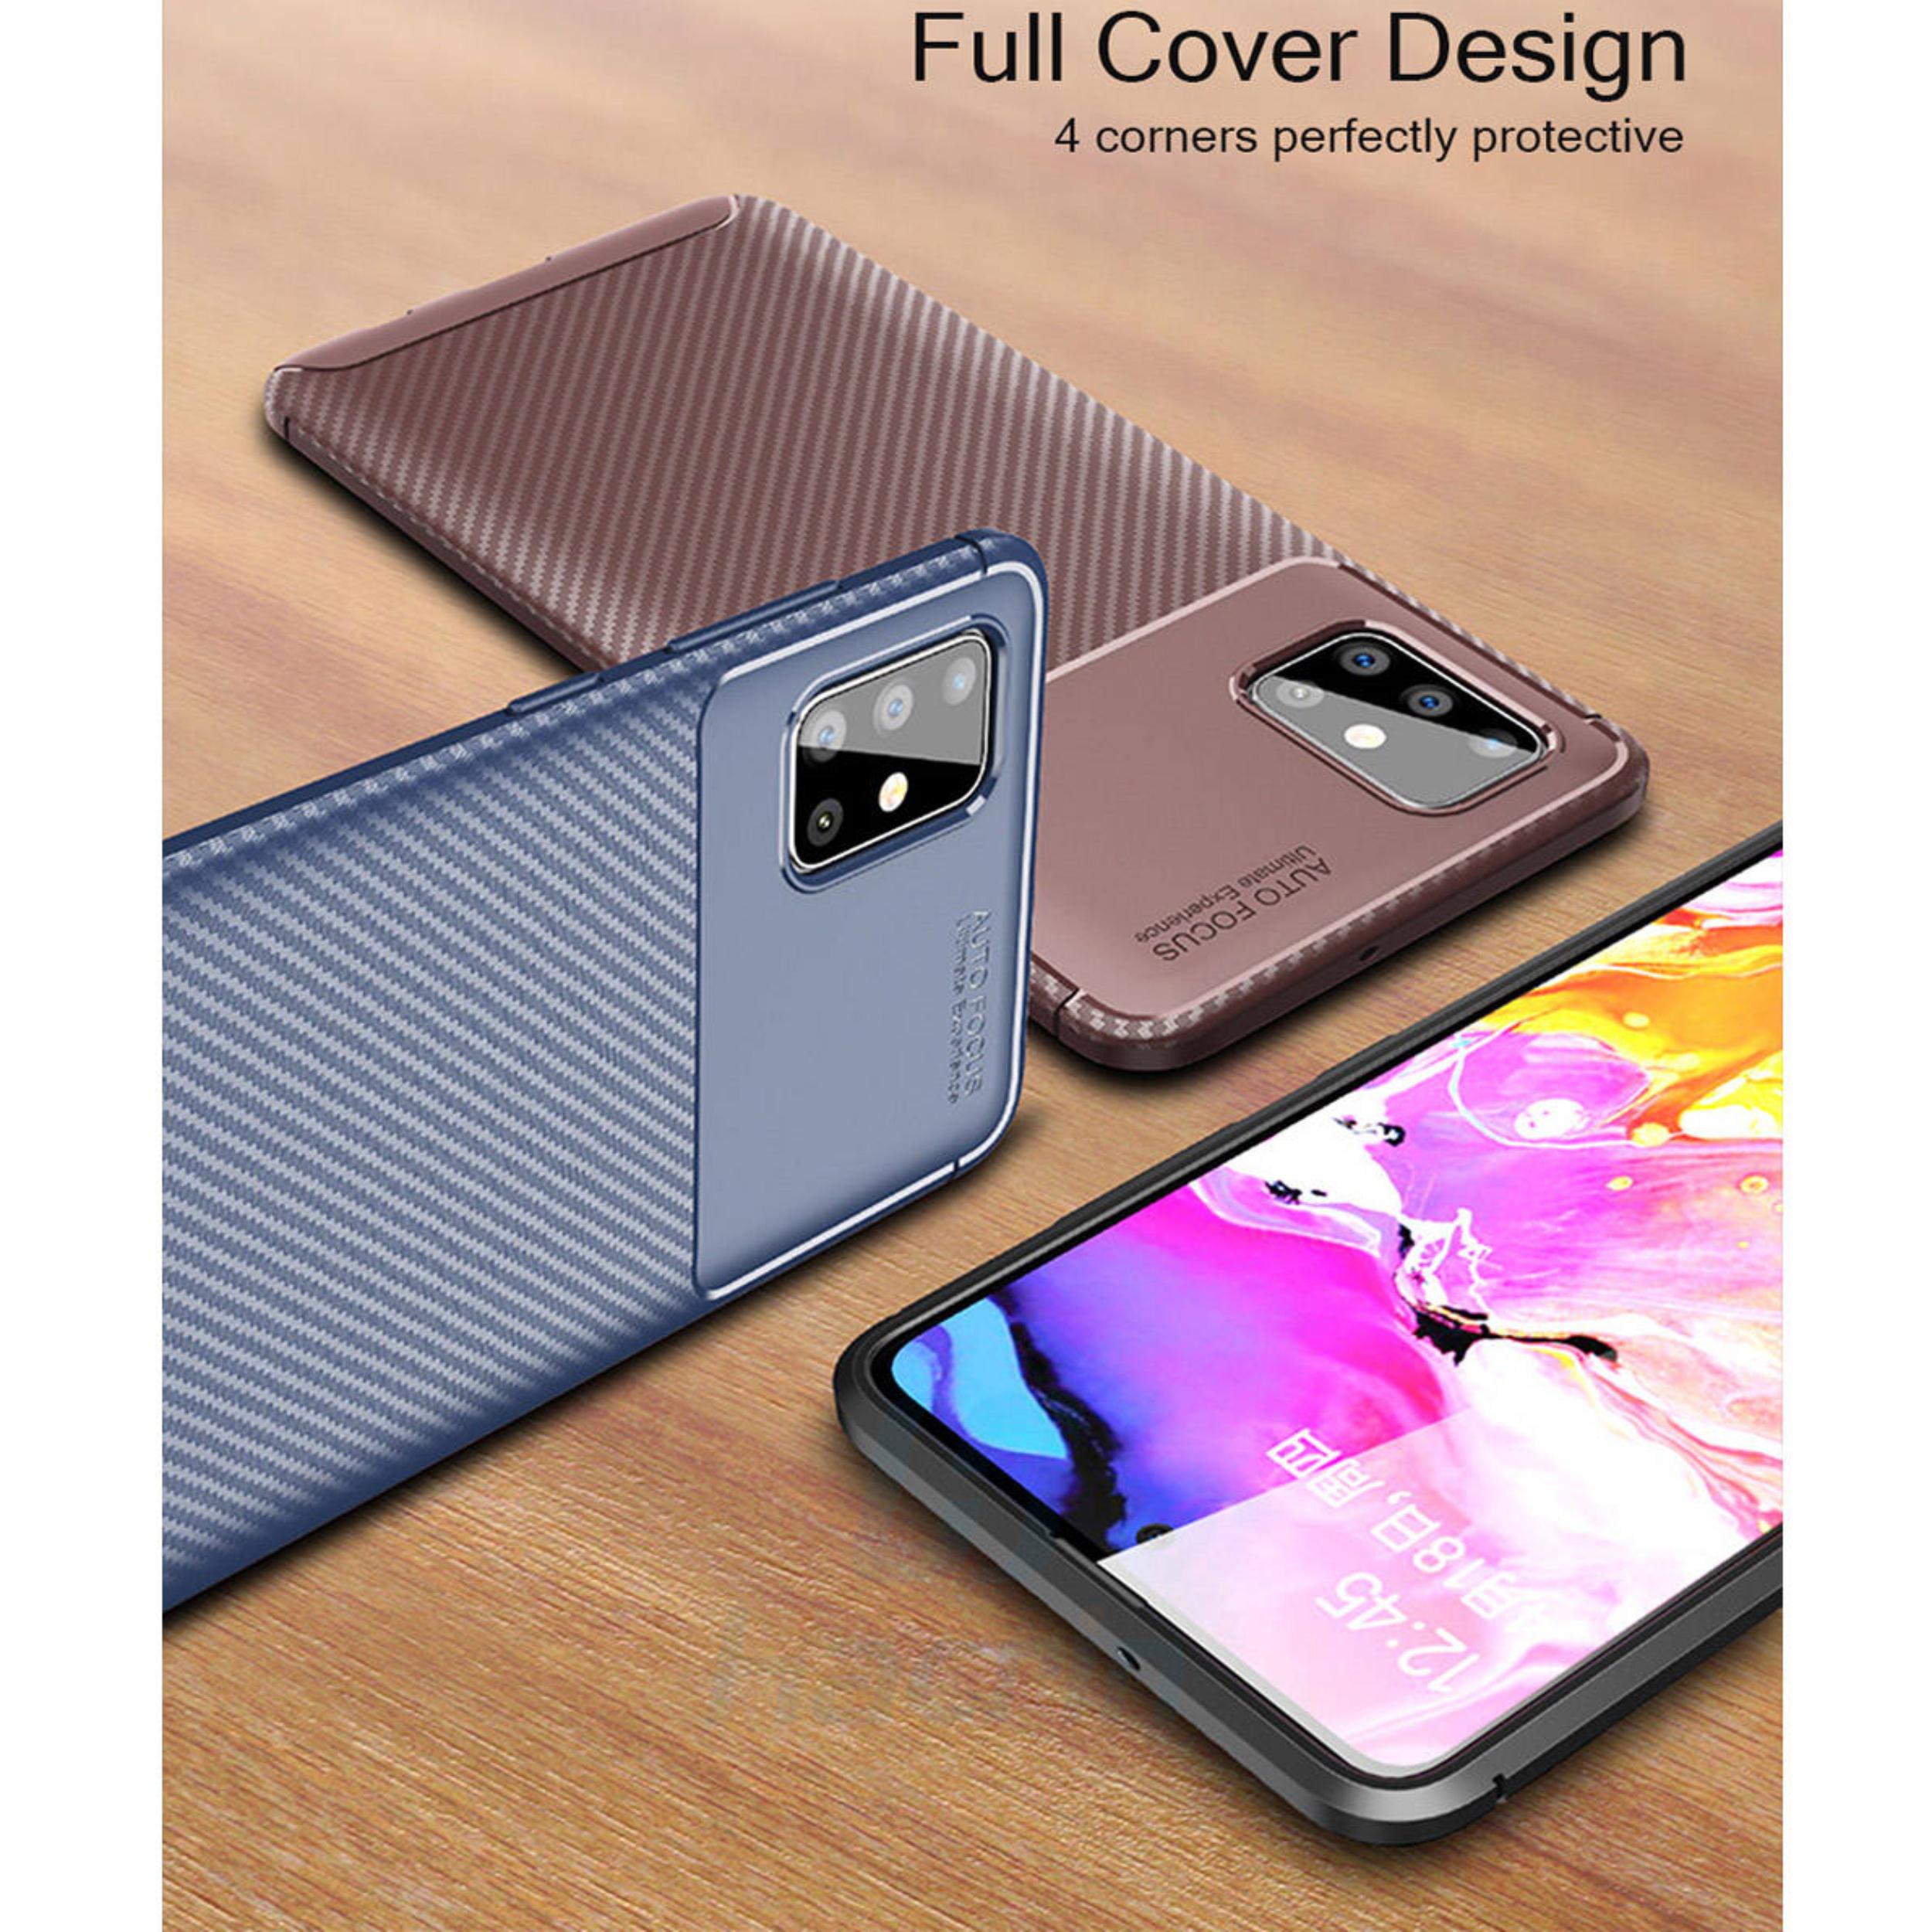 کاور لاین کینگ مدل A21 مناسب برای گوشی موبایل سامسونگ Galaxy A71 thumb 2 4